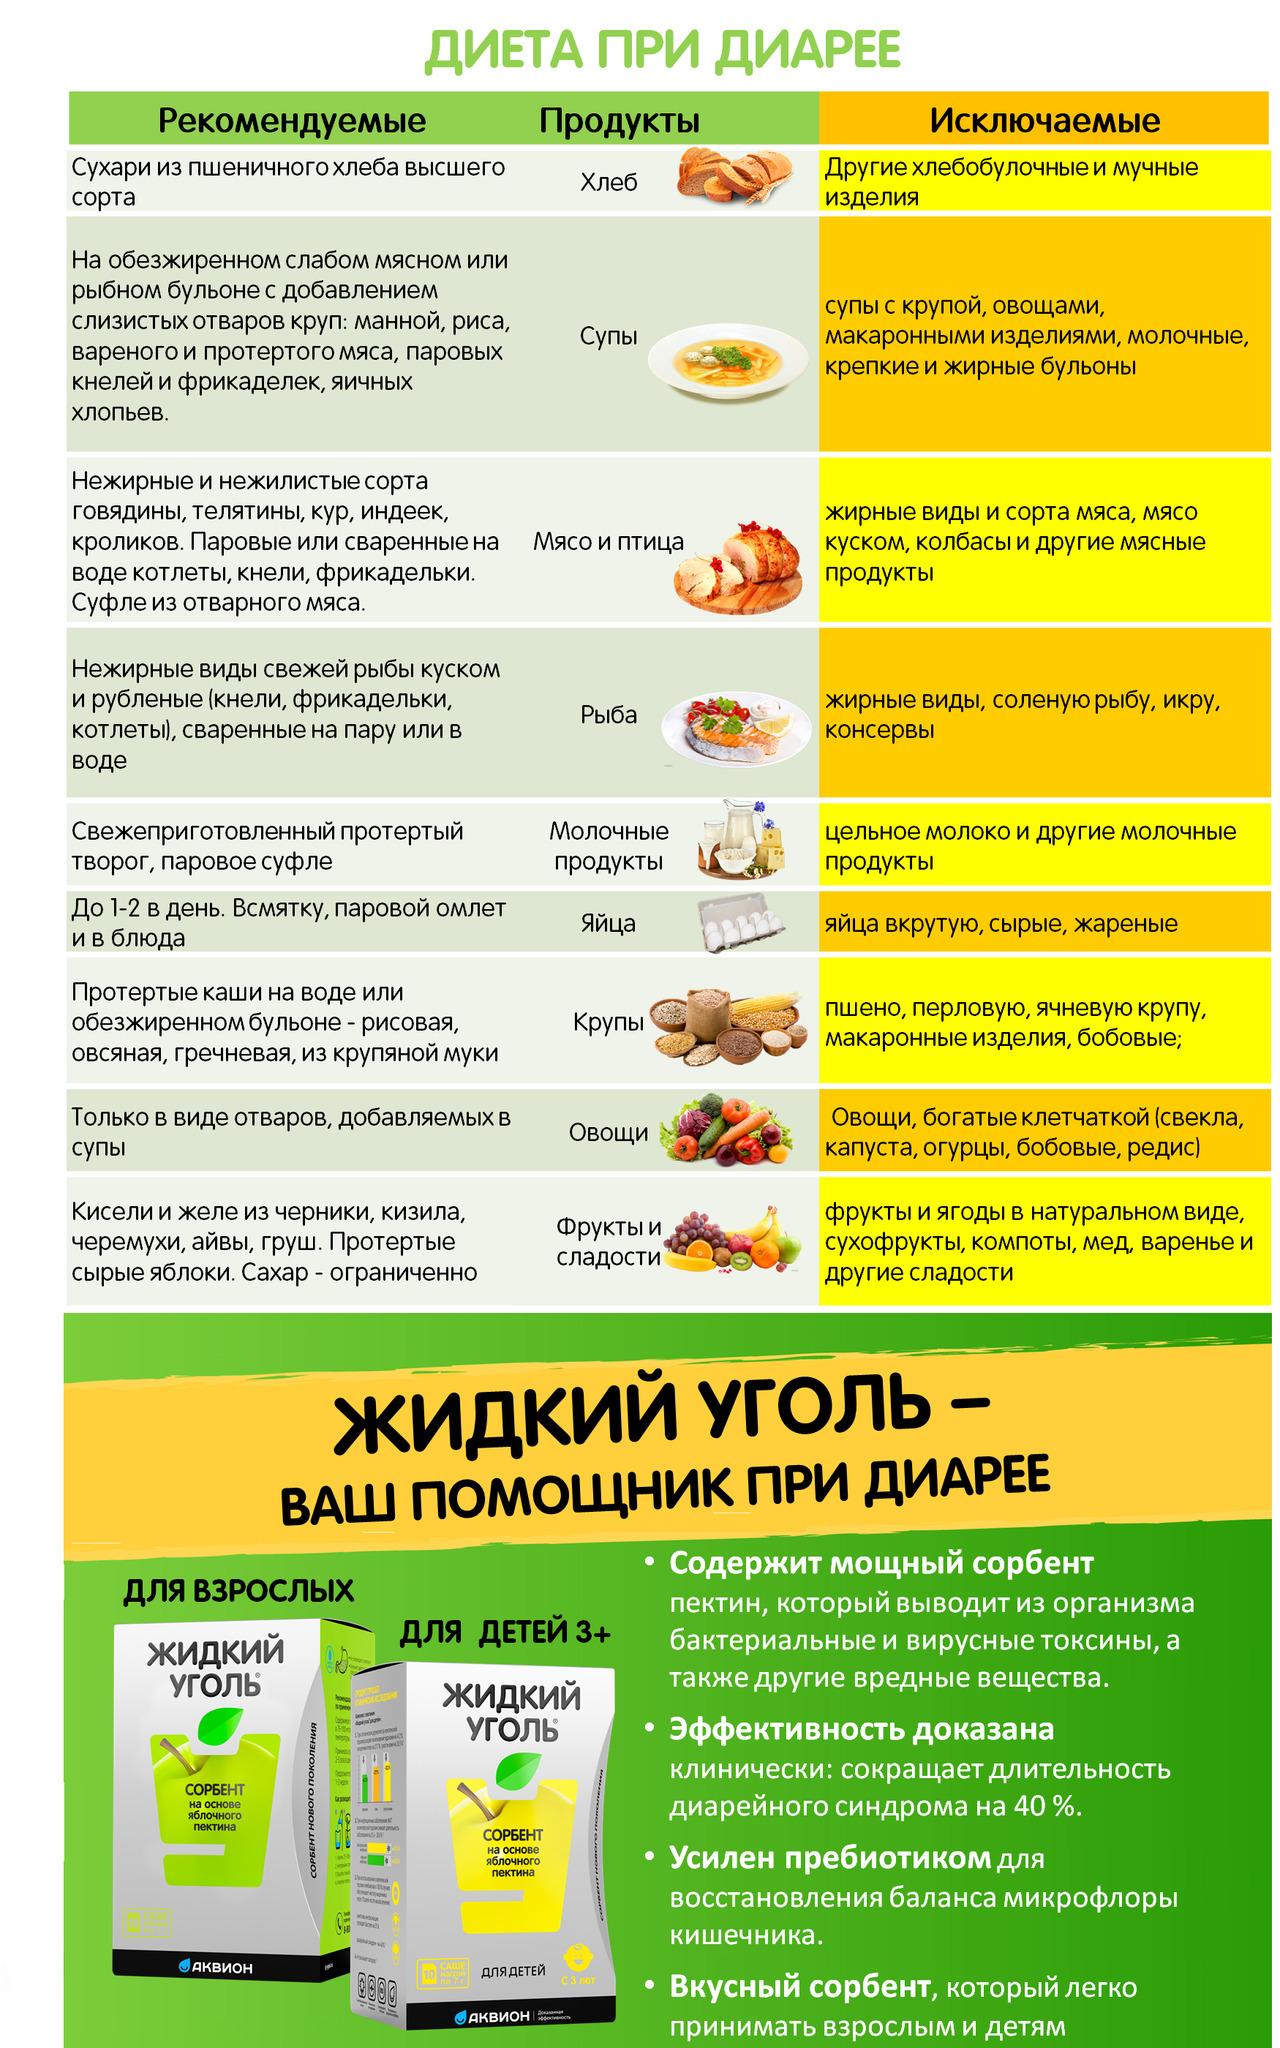 [BBBKEYWORD]. Лечебная диета при диарее у взрослого человека: что можно кушать при СРК с метеоризмом и язвенном колите кишечника?